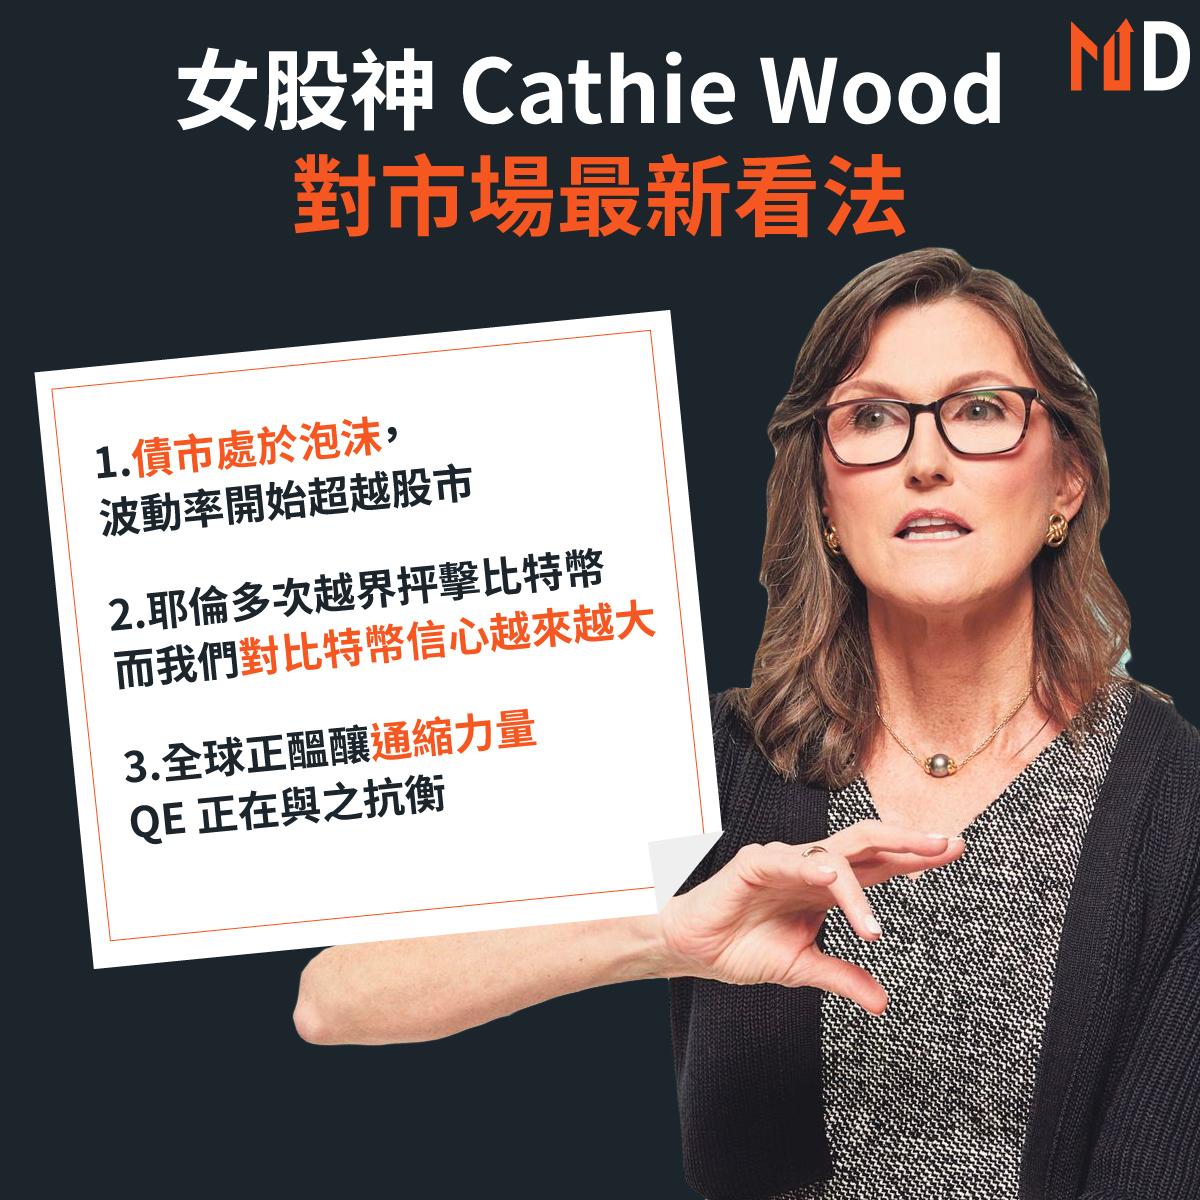 【股票教學】女股神 Cathie Wood 對市場的3大最新看法,你同意當中的多少項?